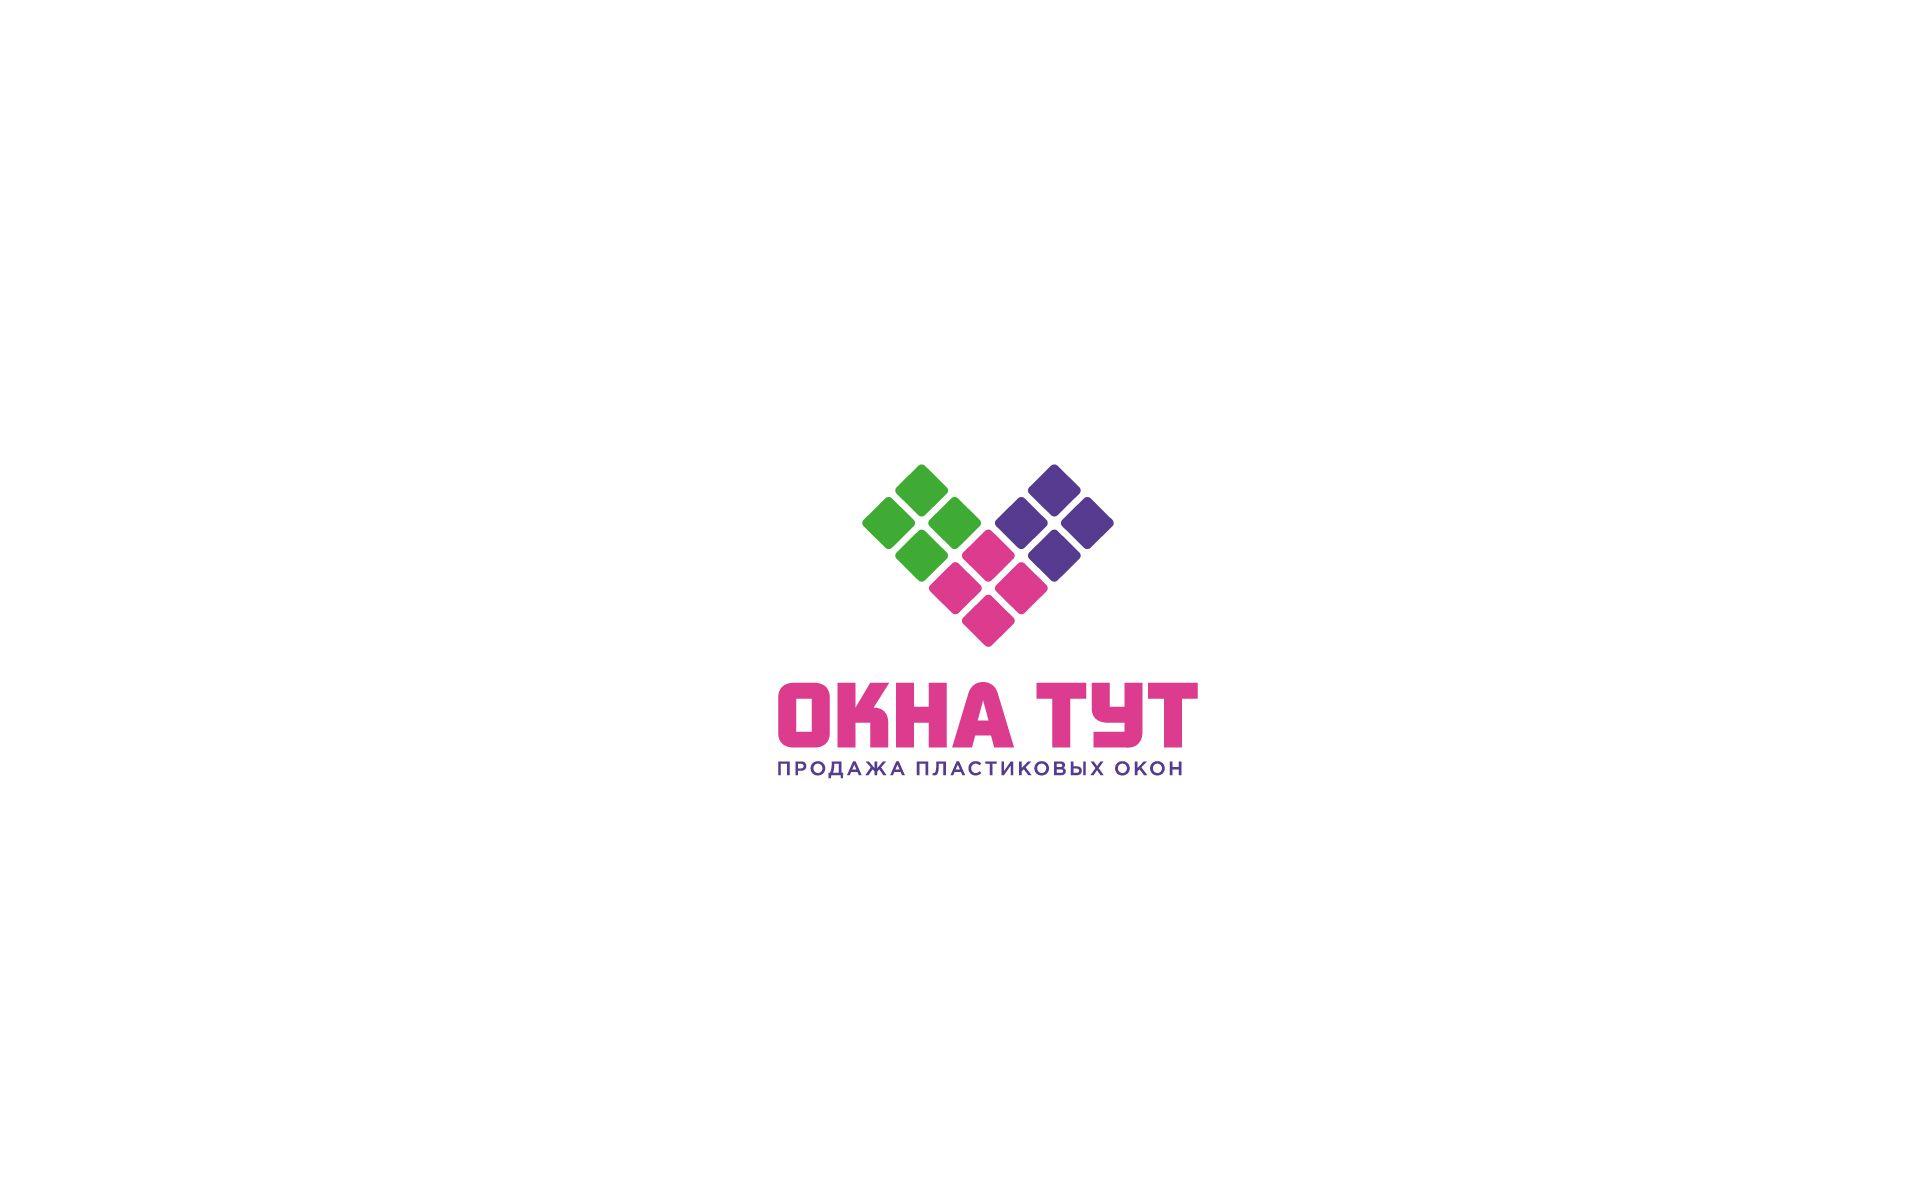 Логотип для сайта Окна тут - дизайнер U4po4mak